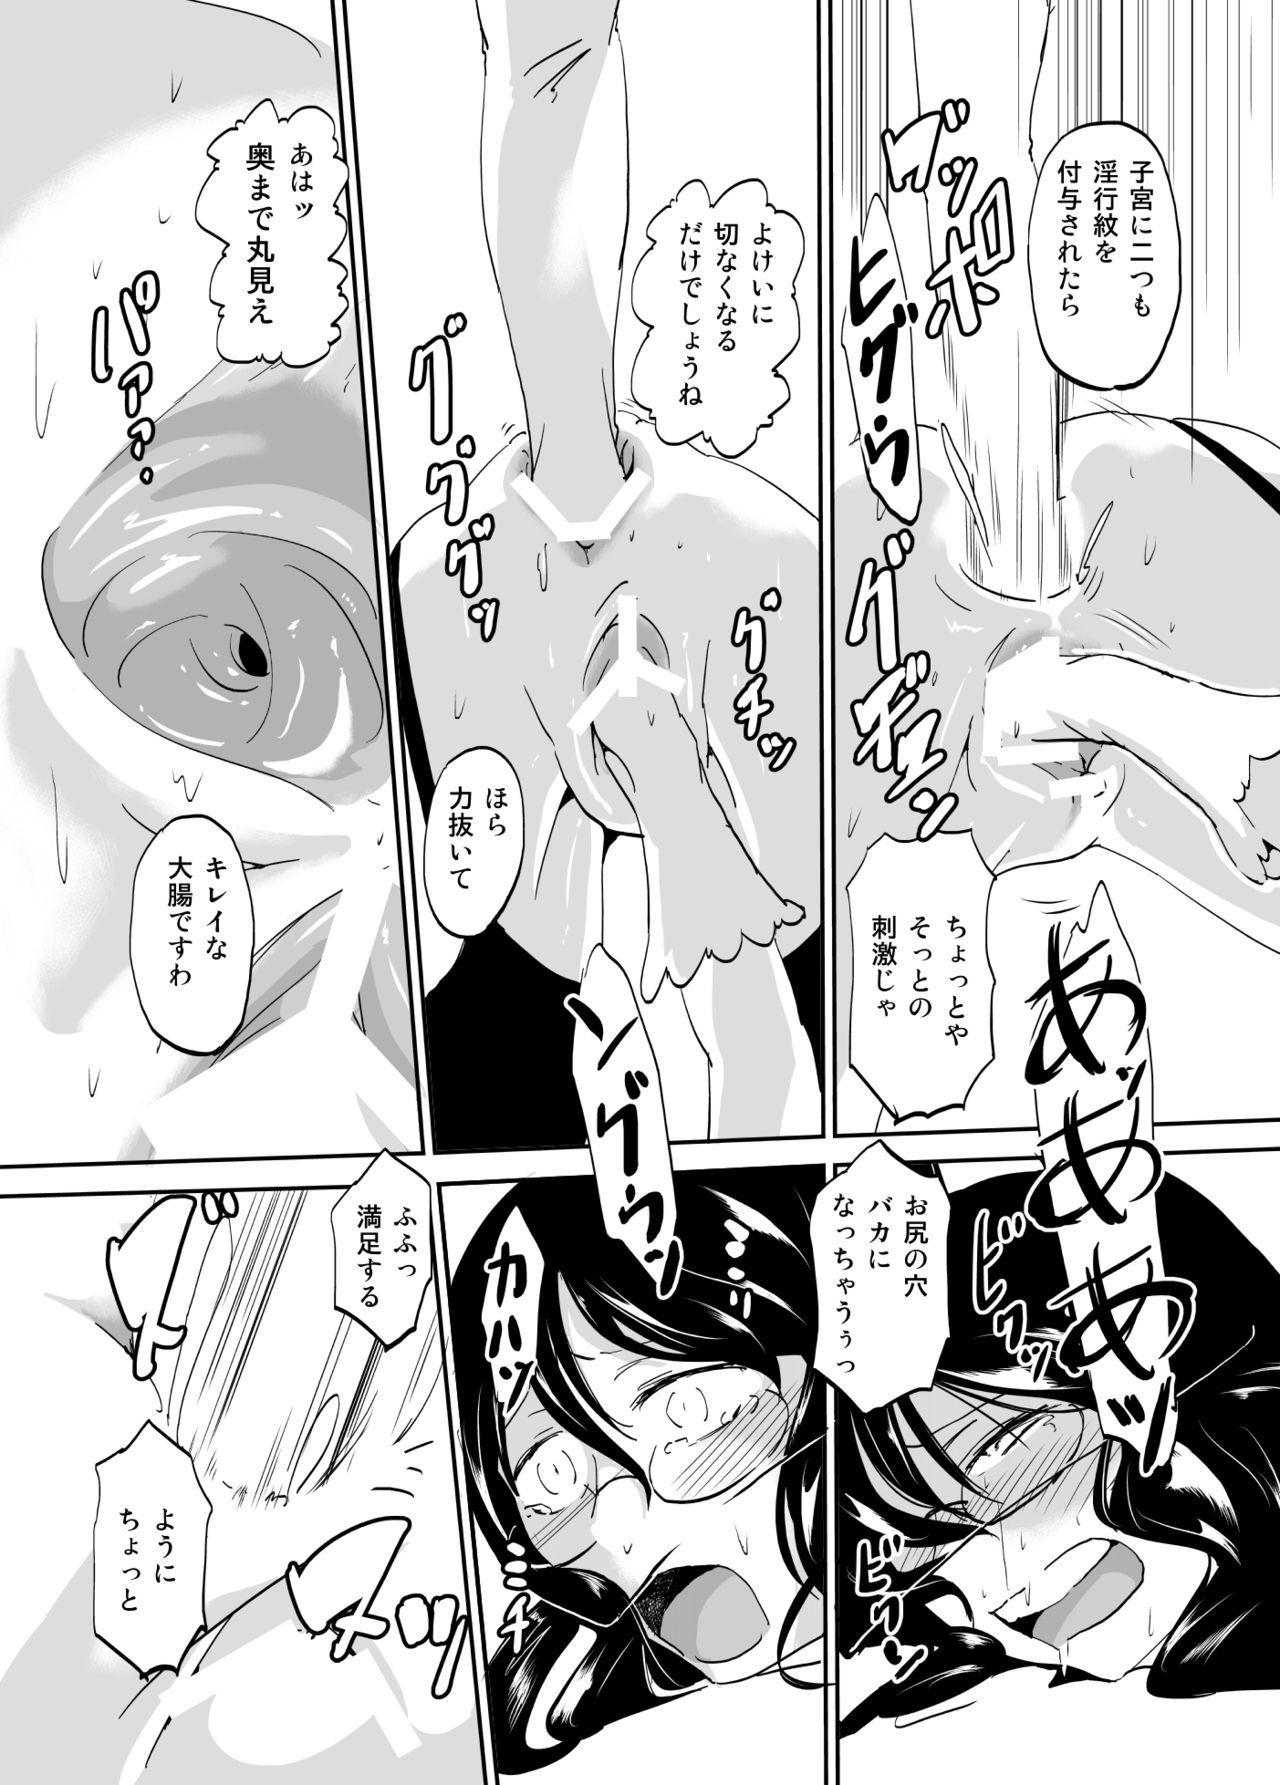 Majutsu Kessha no Onna Kanbu Ken Kyoushi no Pants ga Dasai 13